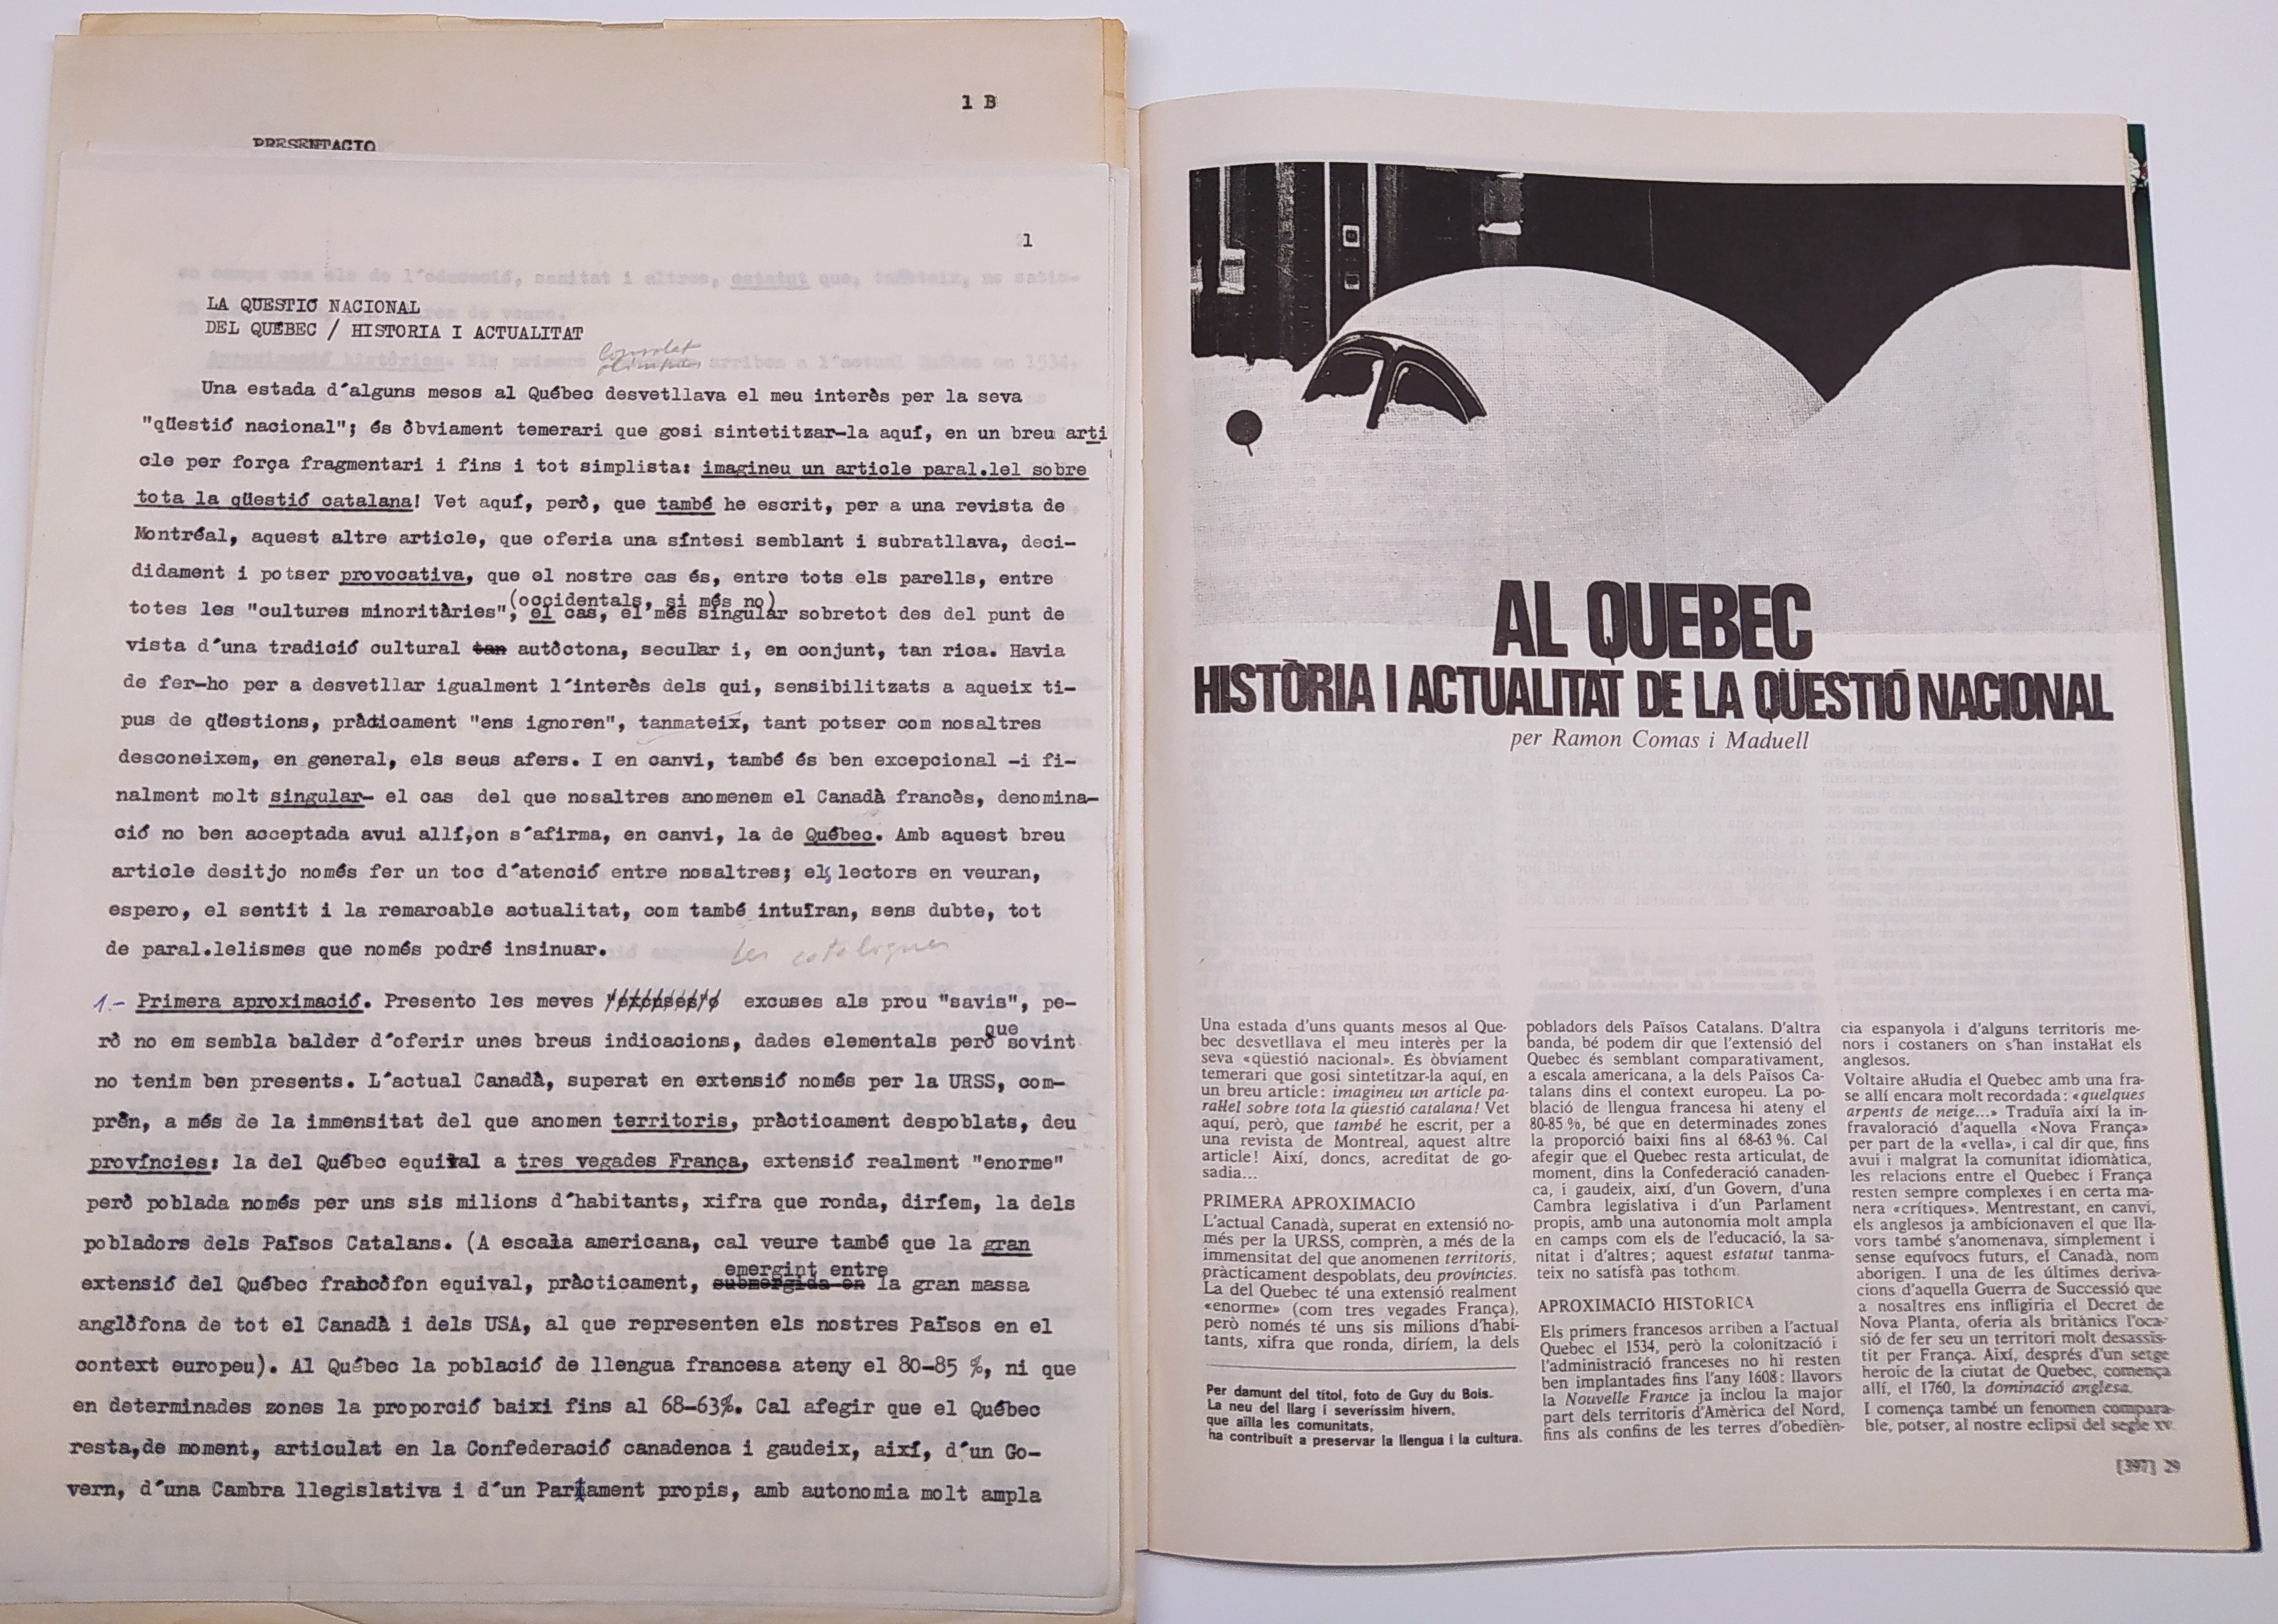 Article publicat a Serra d'Or sobre el Quebec i el seu manuscrit original